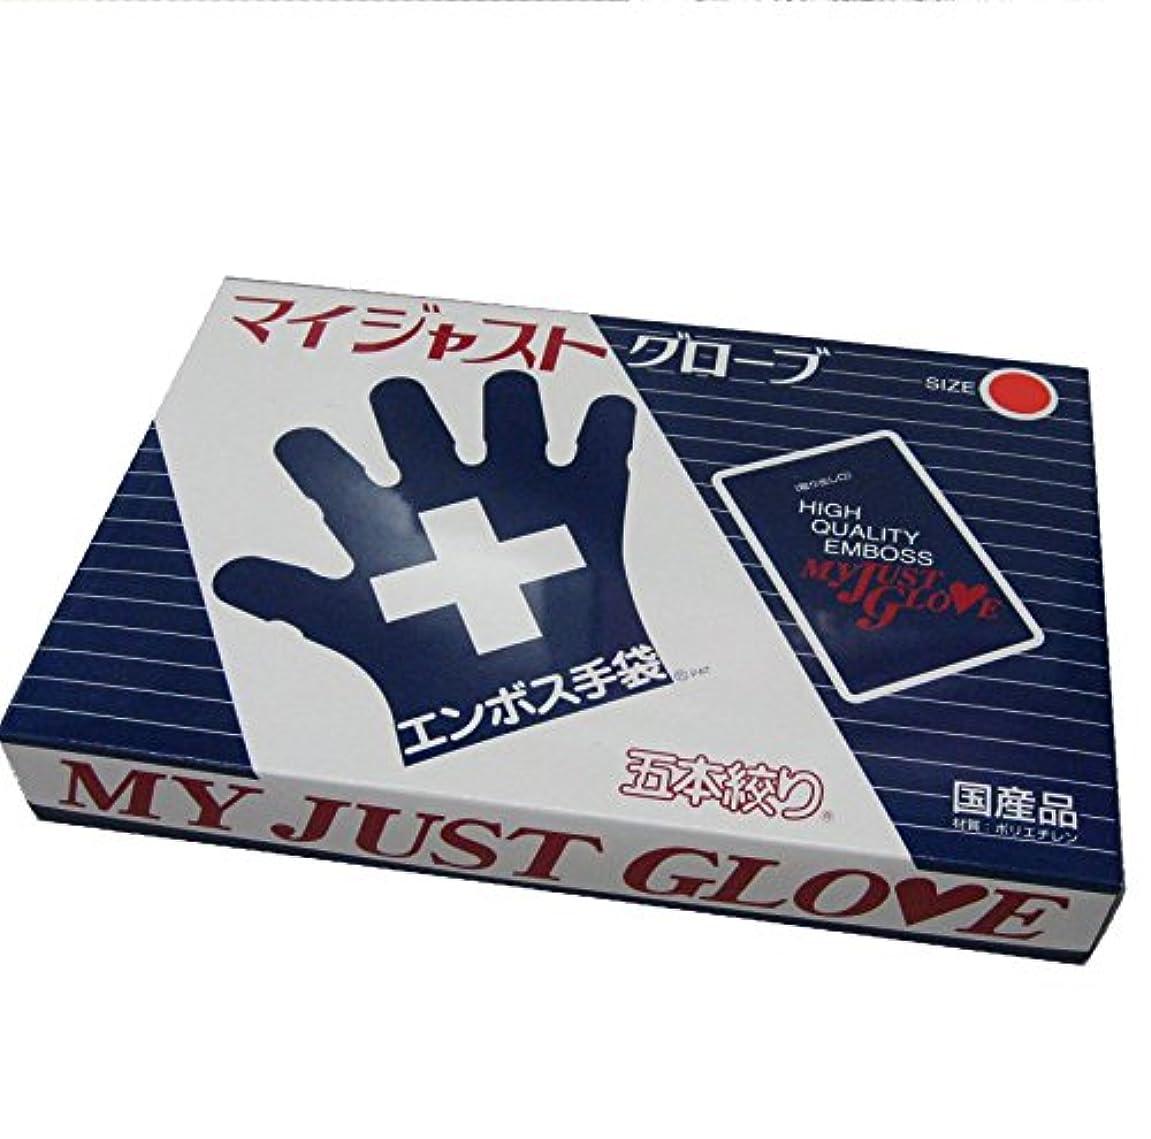 エンボス手袋 マイジャストグローブ五本絞り 200枚入 Mサイズ 化粧箱